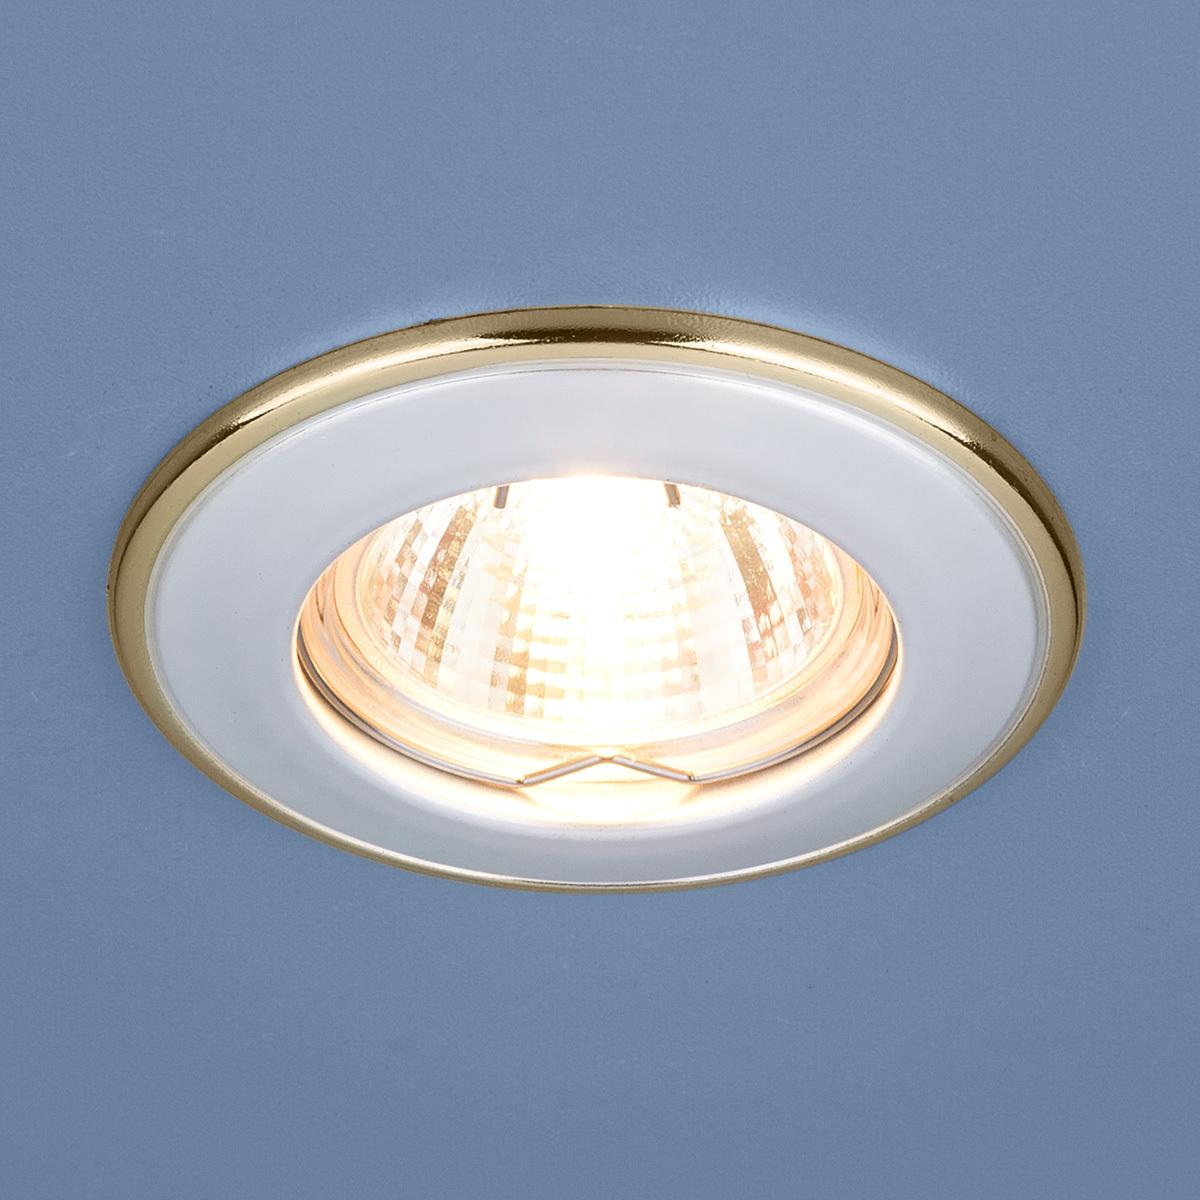 Встраиваемый светильник Elektrostandard Точечный 7002 MR16 WH/GD, G5.3 встраиваемый светильник elektrostandard 7002 mr16 wh gd белый золото 4690389082528